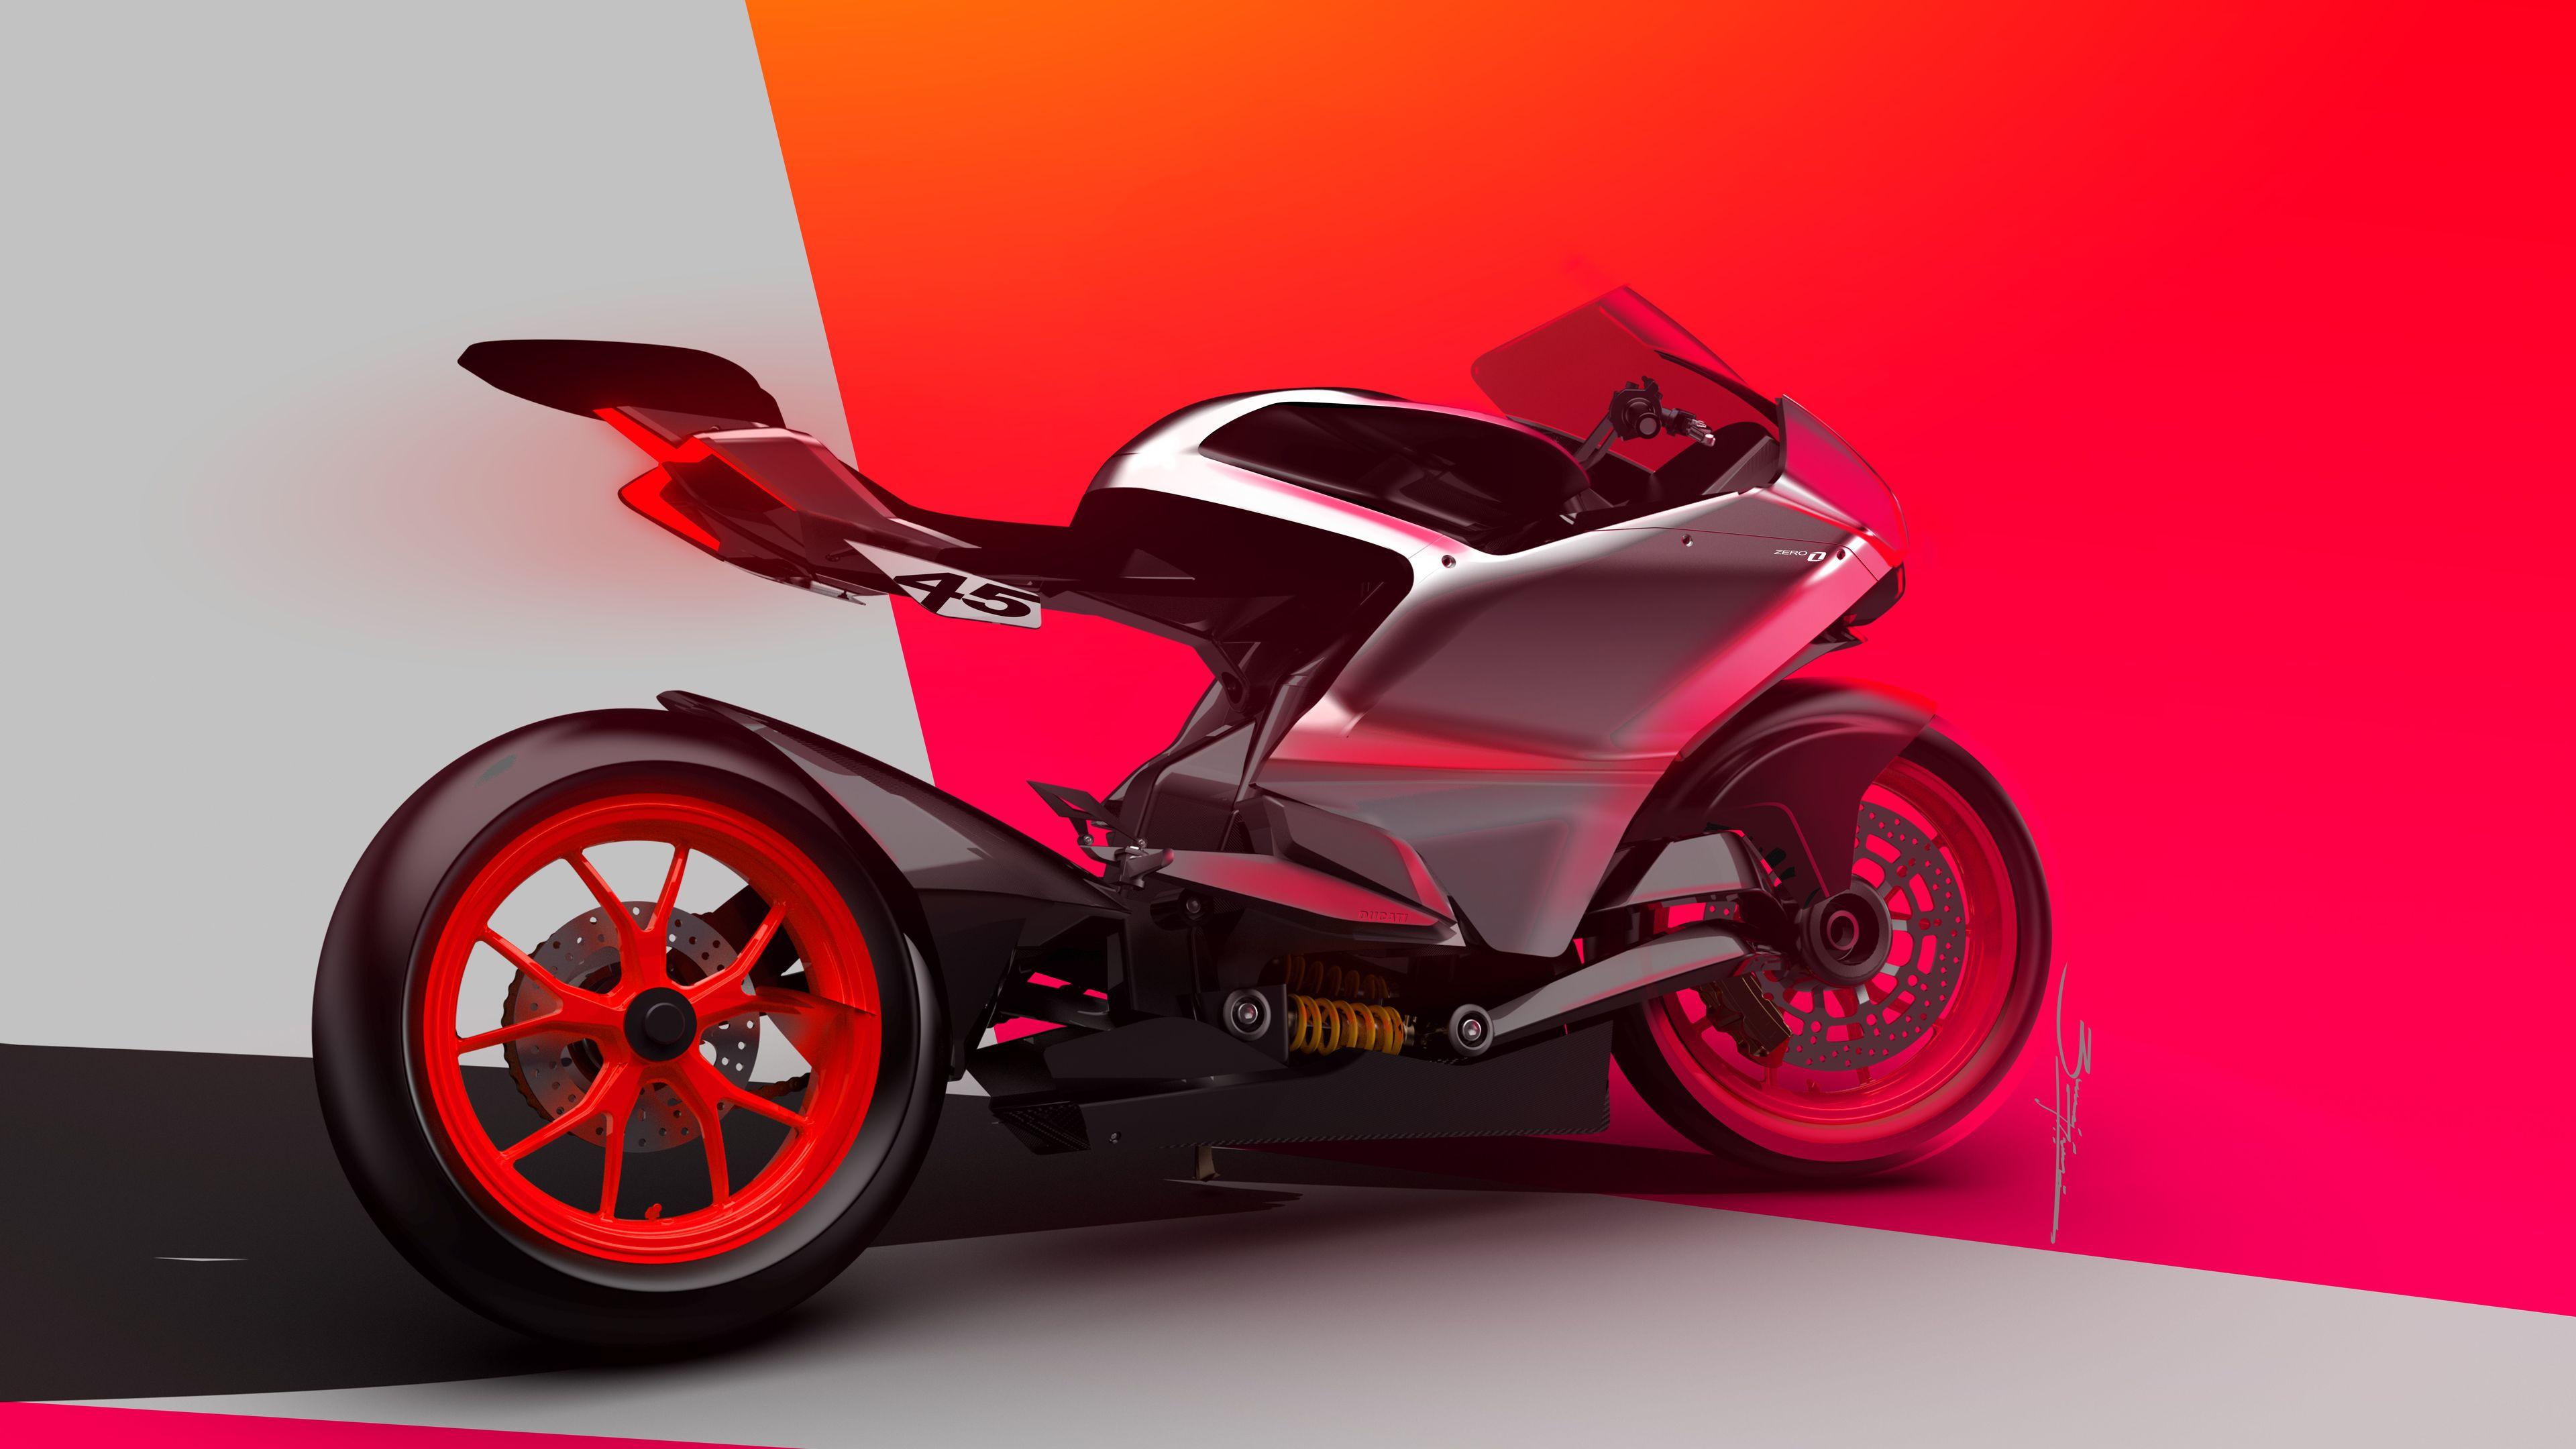 ducati zero electric superbike 1536316575 - DUCATI ZERO ELECTRIC SUPERBIKE - hd-wallpapers, ducati wallpapers, bikes wallpapers, 8k wallpapers, 5k wallpapers, 4k-wallpapers, 10k wallpapers